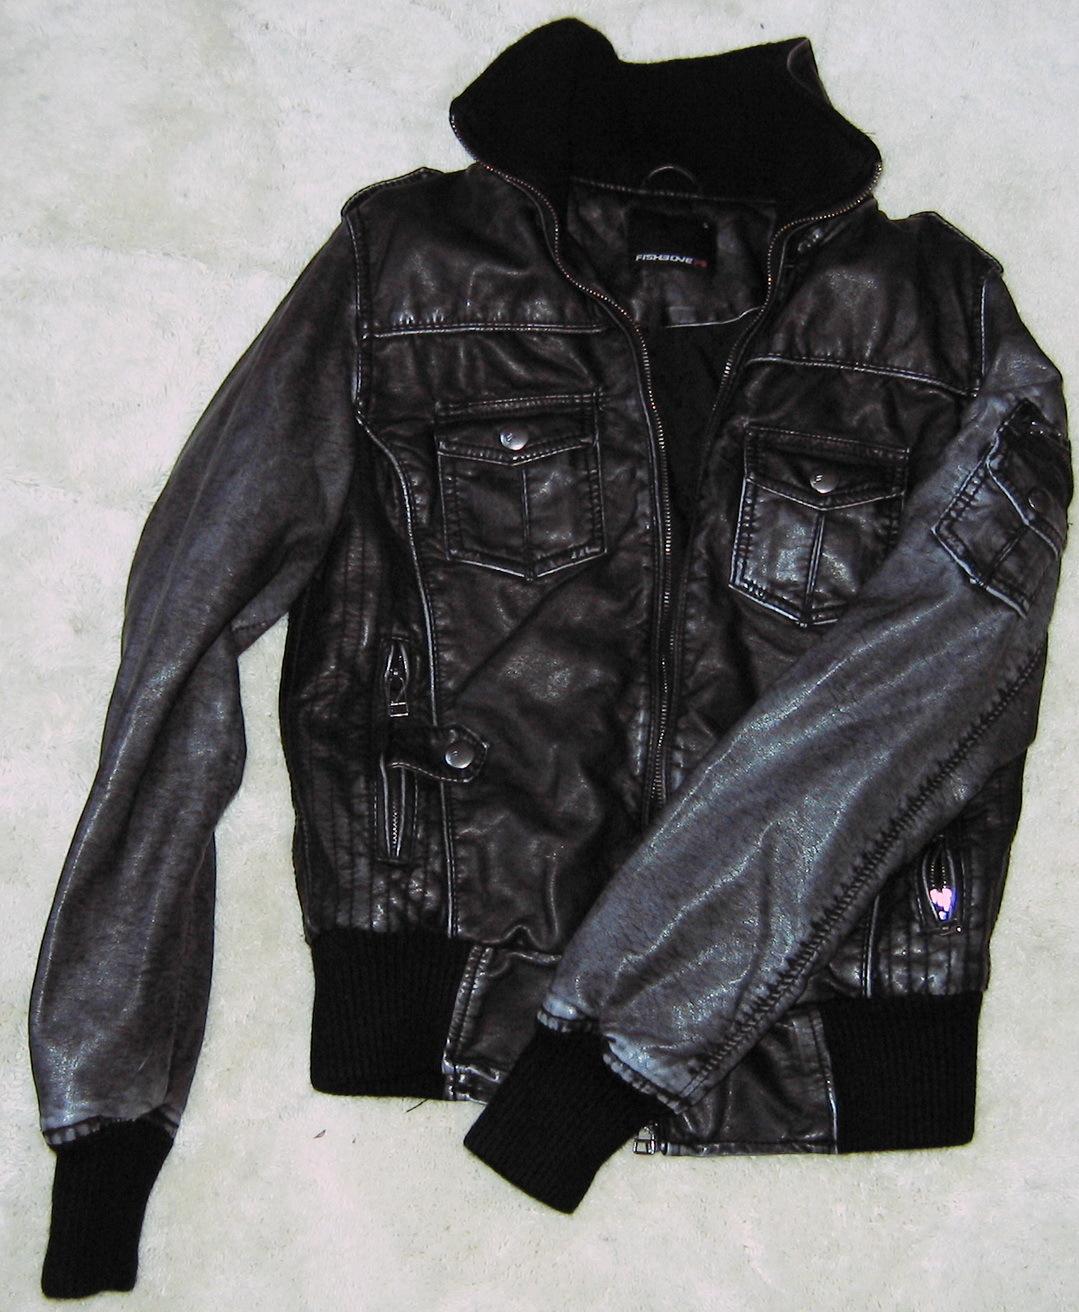 Fishbone Куртка Купить